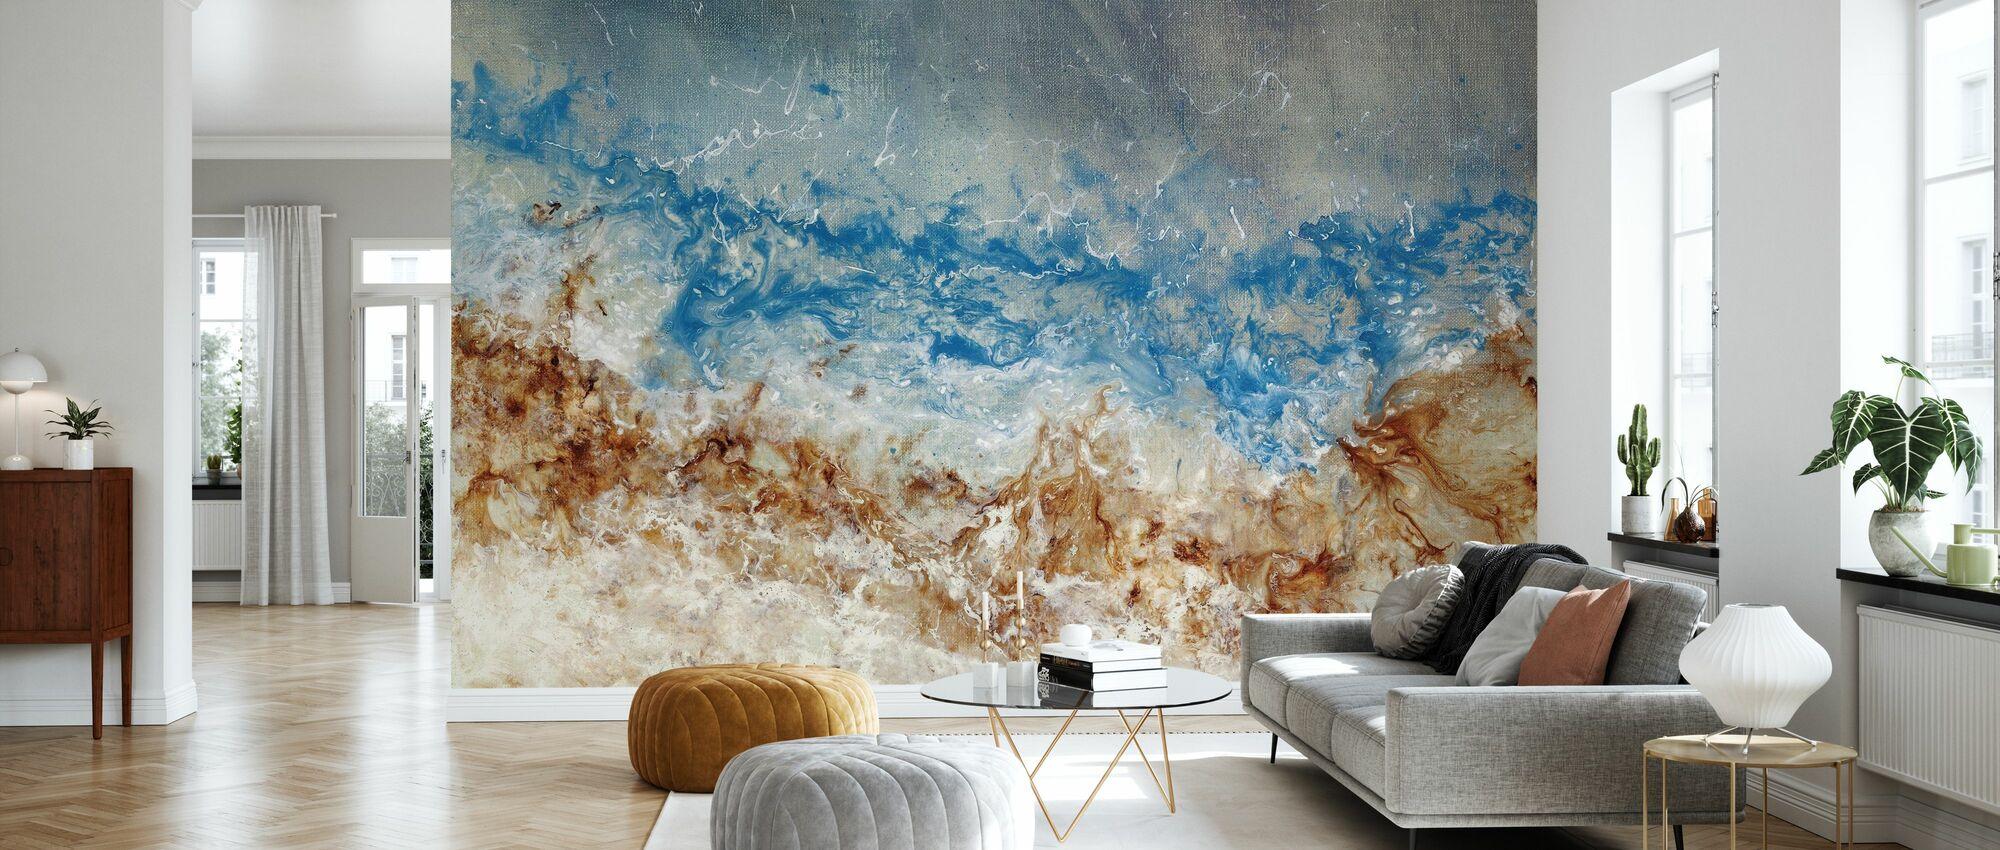 Lenire - Wallpaper - Living Room